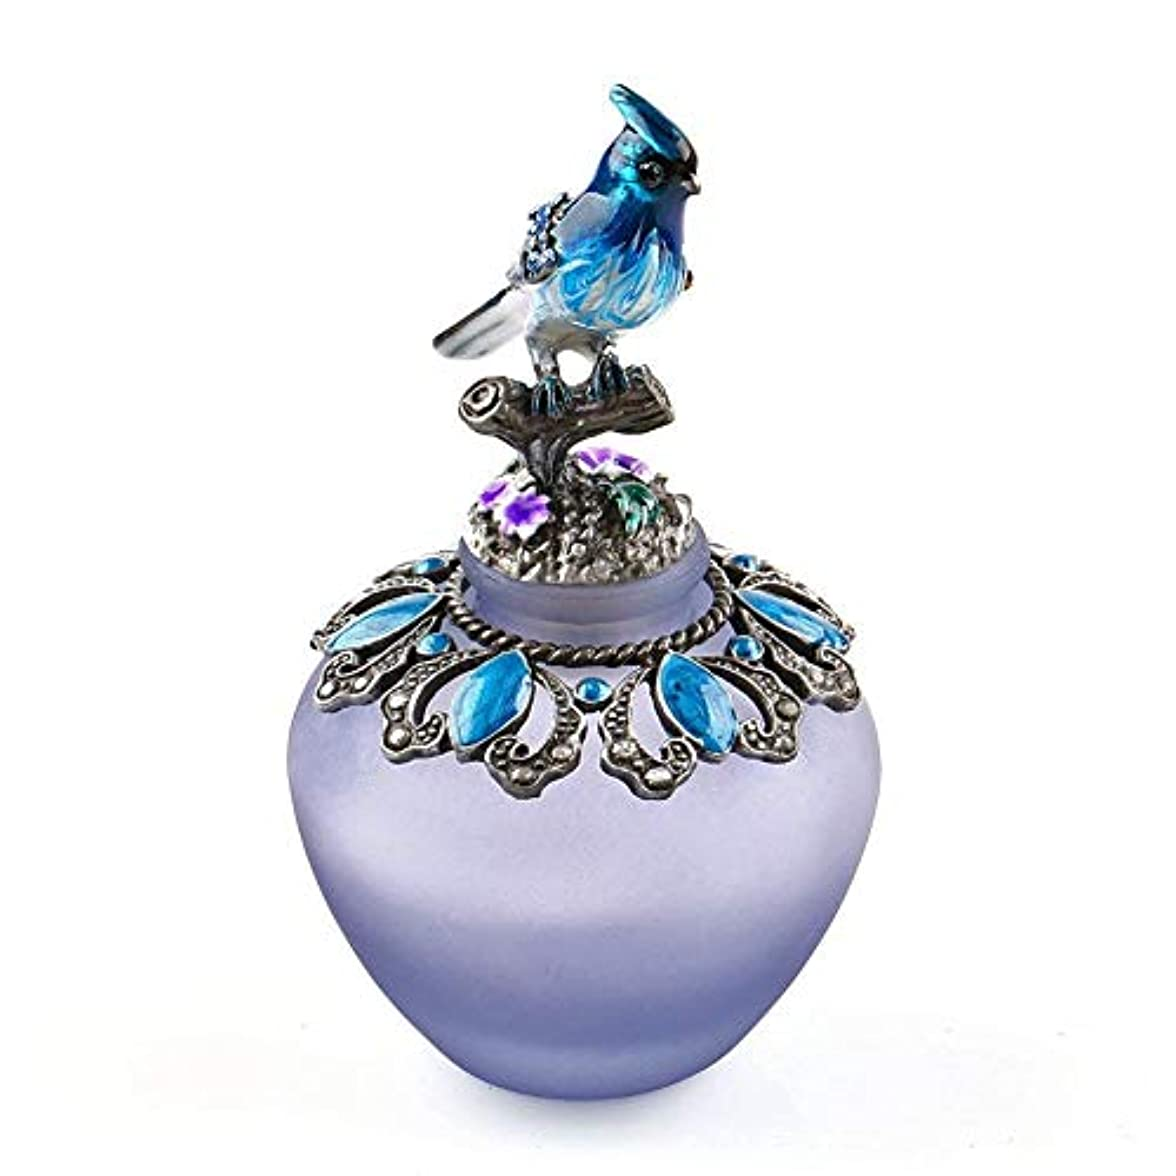 かび臭い副人質EasyRaku 高品質 美しい香水瓶 鳥40ML ガラスアロマボトル 綺麗アンティーク調欧風デザイン クリスマスプレゼント 結婚式 飾り